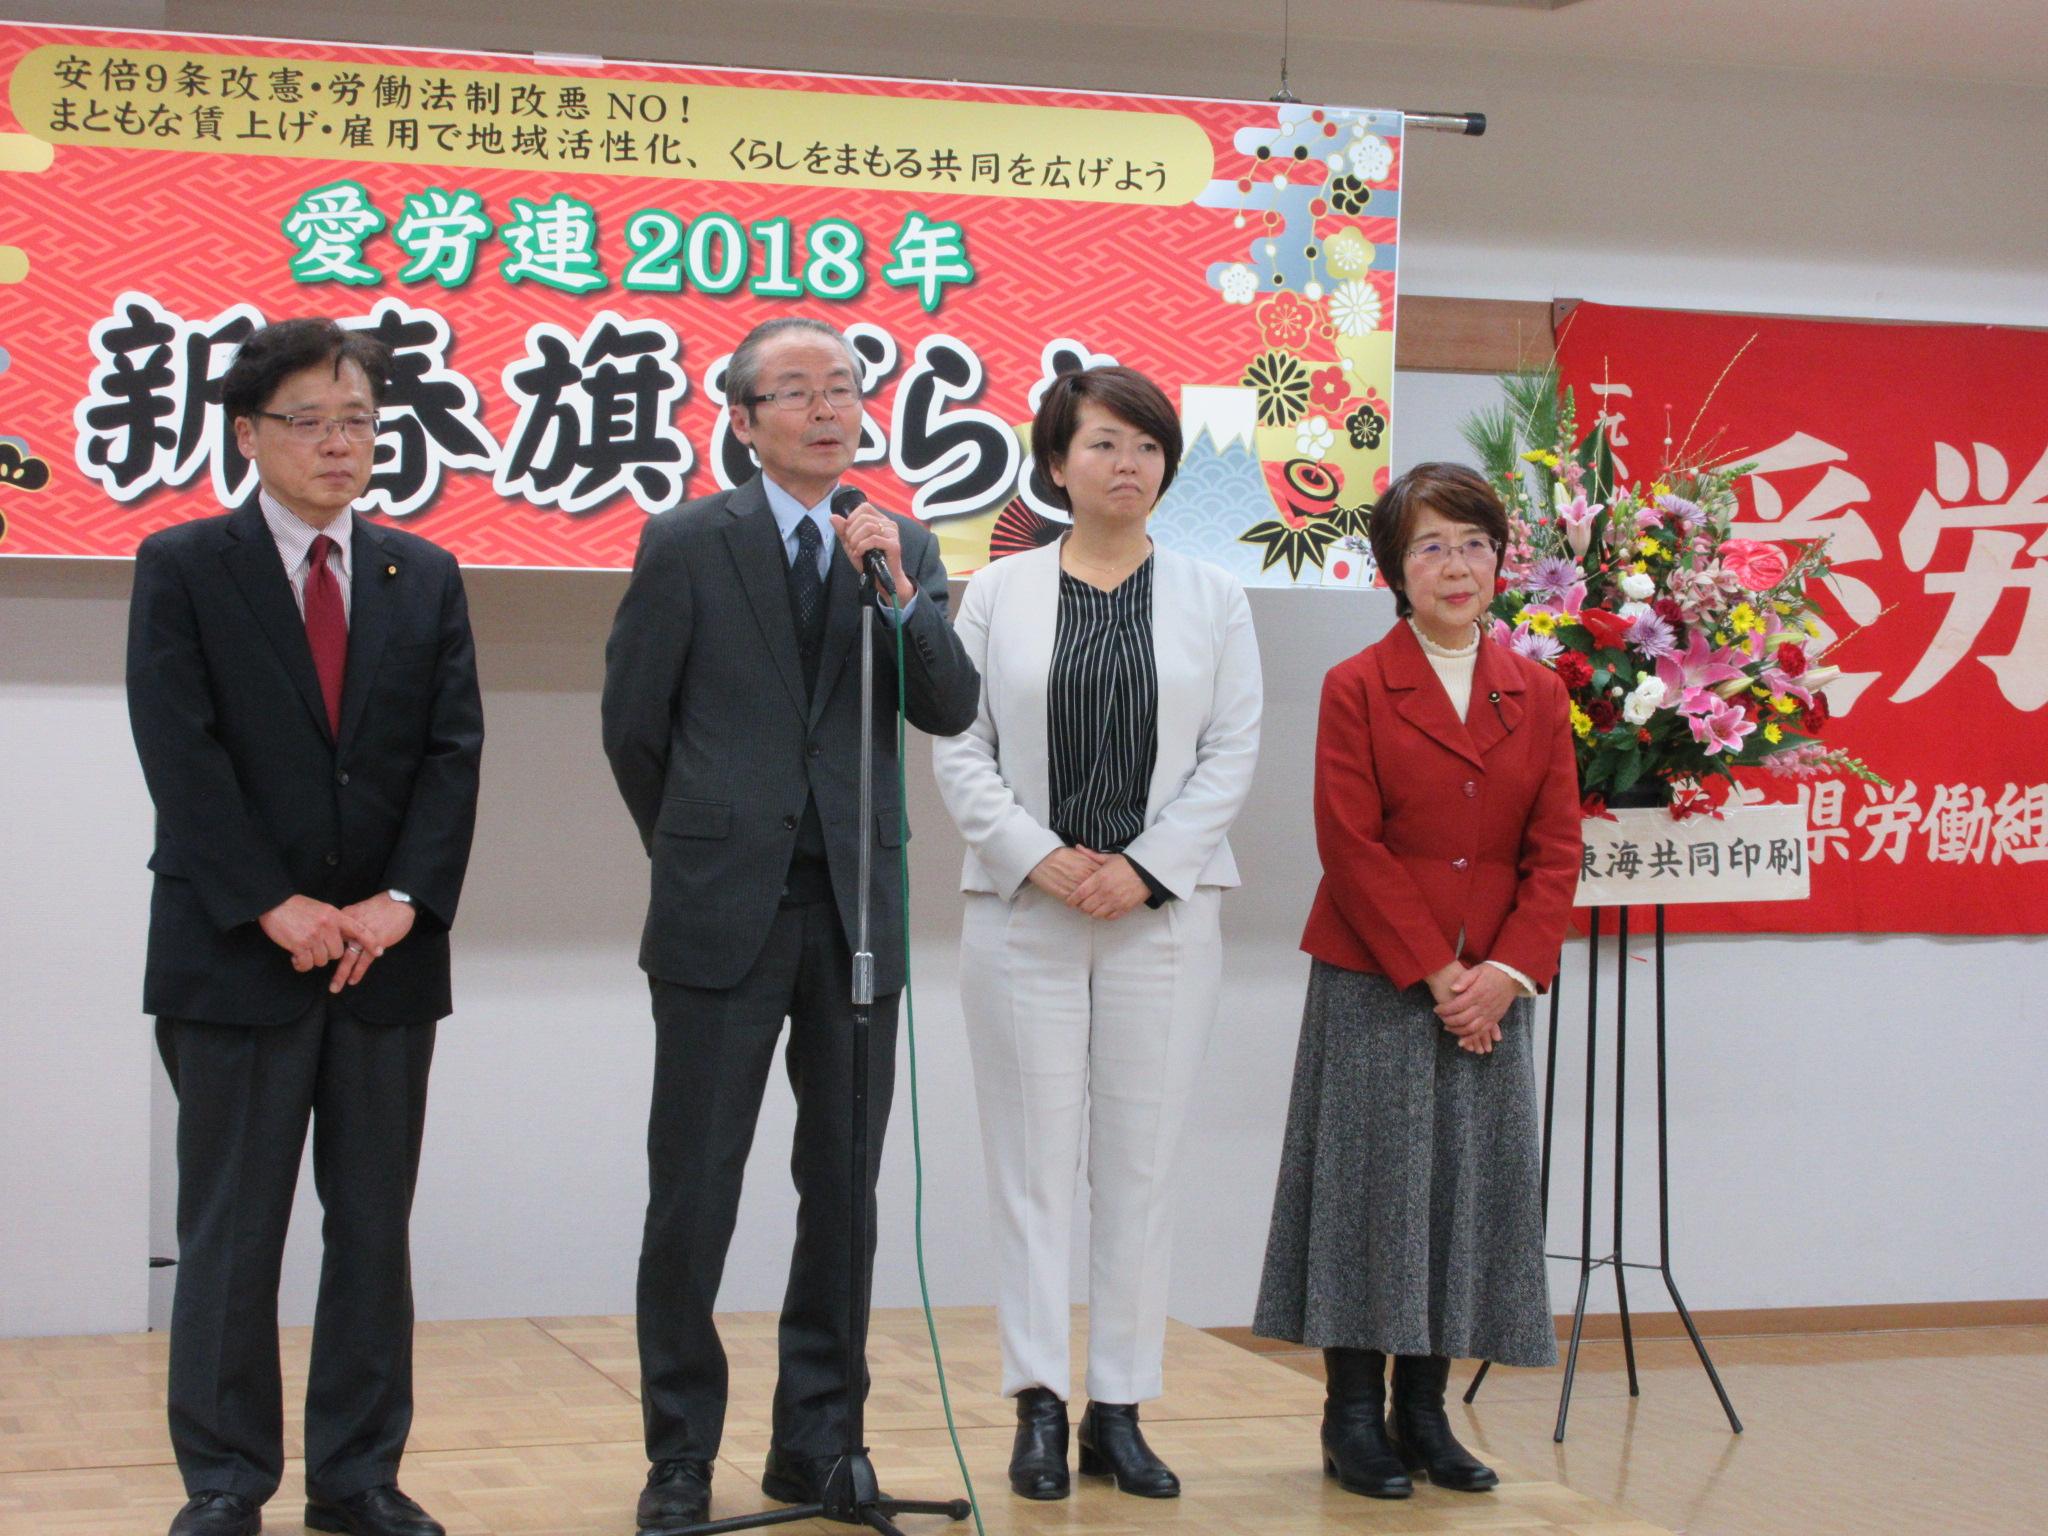 http://www.inoue-satoshi.com/diary/IMG_3136.JPG